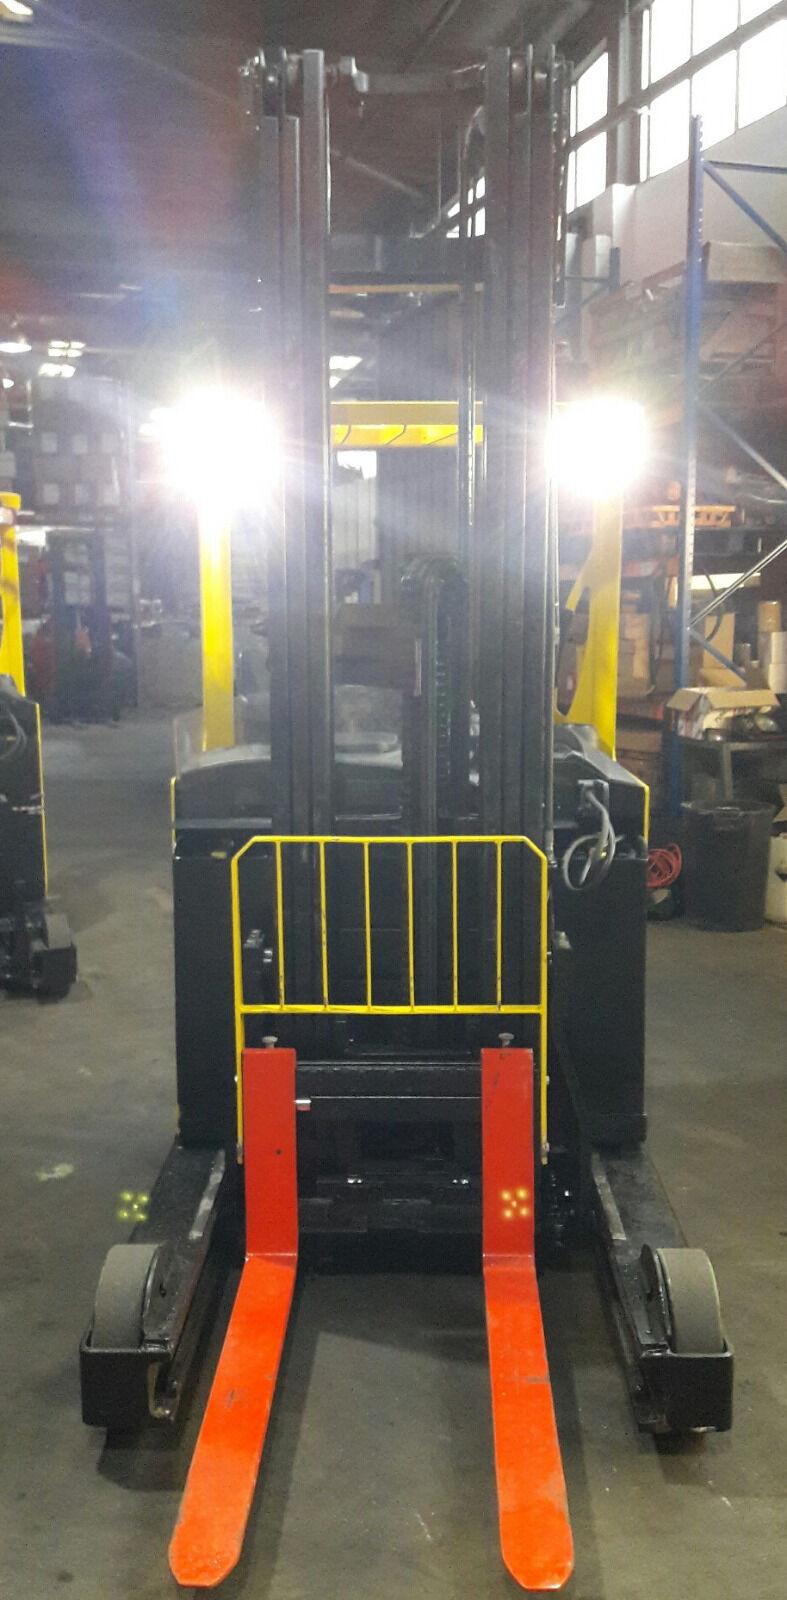 DEL Projecteur V-Chariot 12 V-Chariot Projecteur Élévateur à Fourche 80 V-ATV-Voiture-Camion 005b87